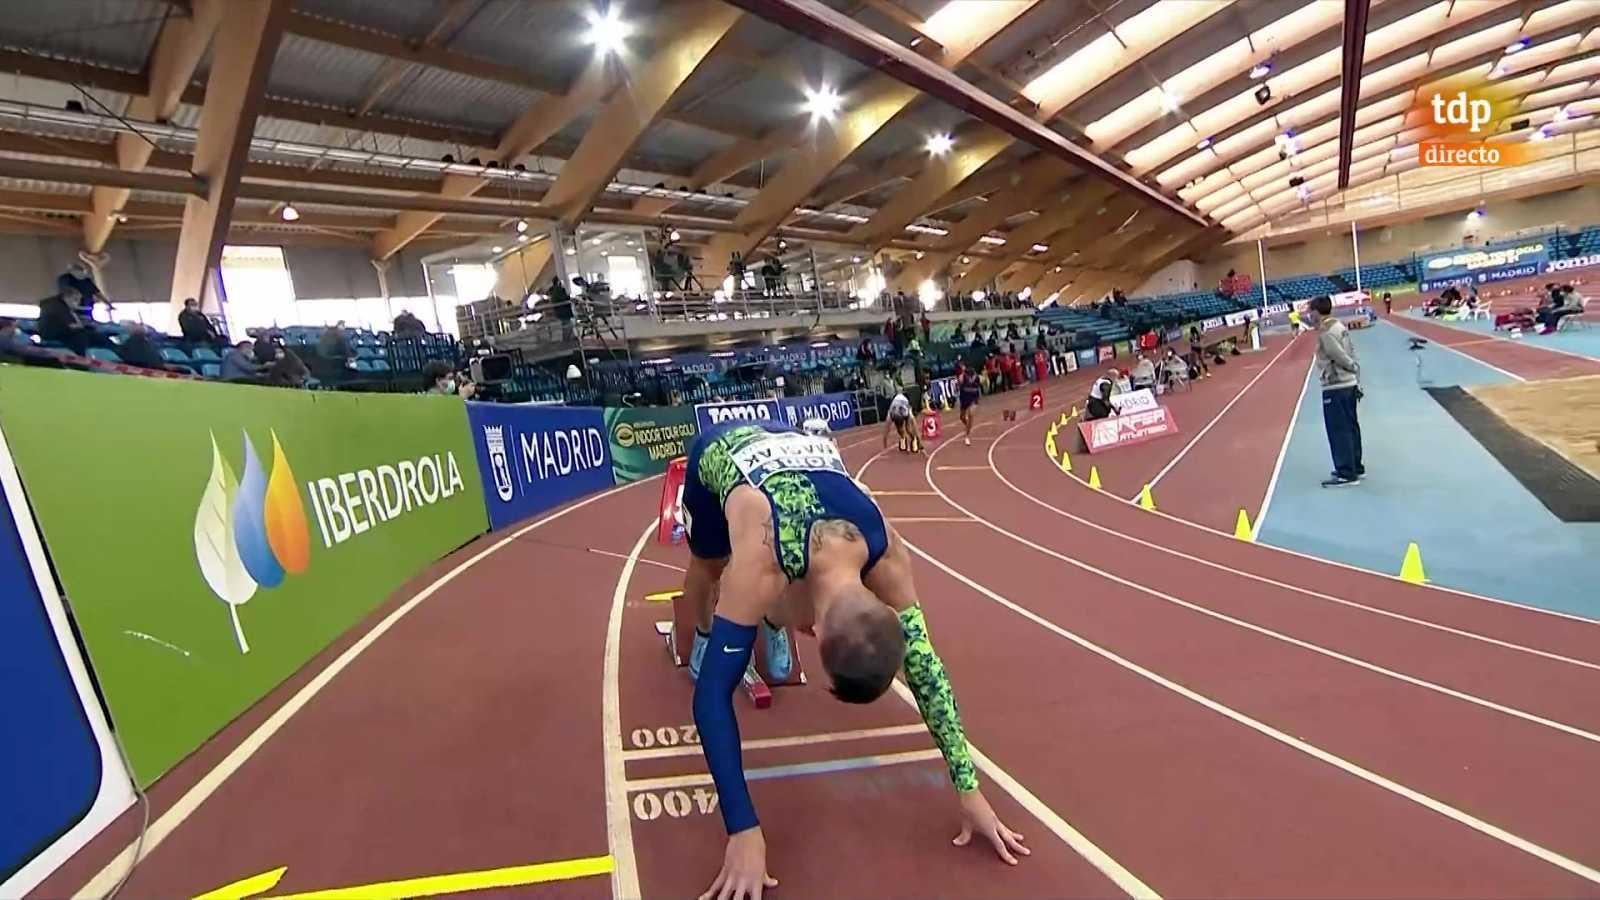 Atletismo - Circuito mundial Indoor 2021. Meeting Villa de Madrid. Pista cubierta - ver ahora